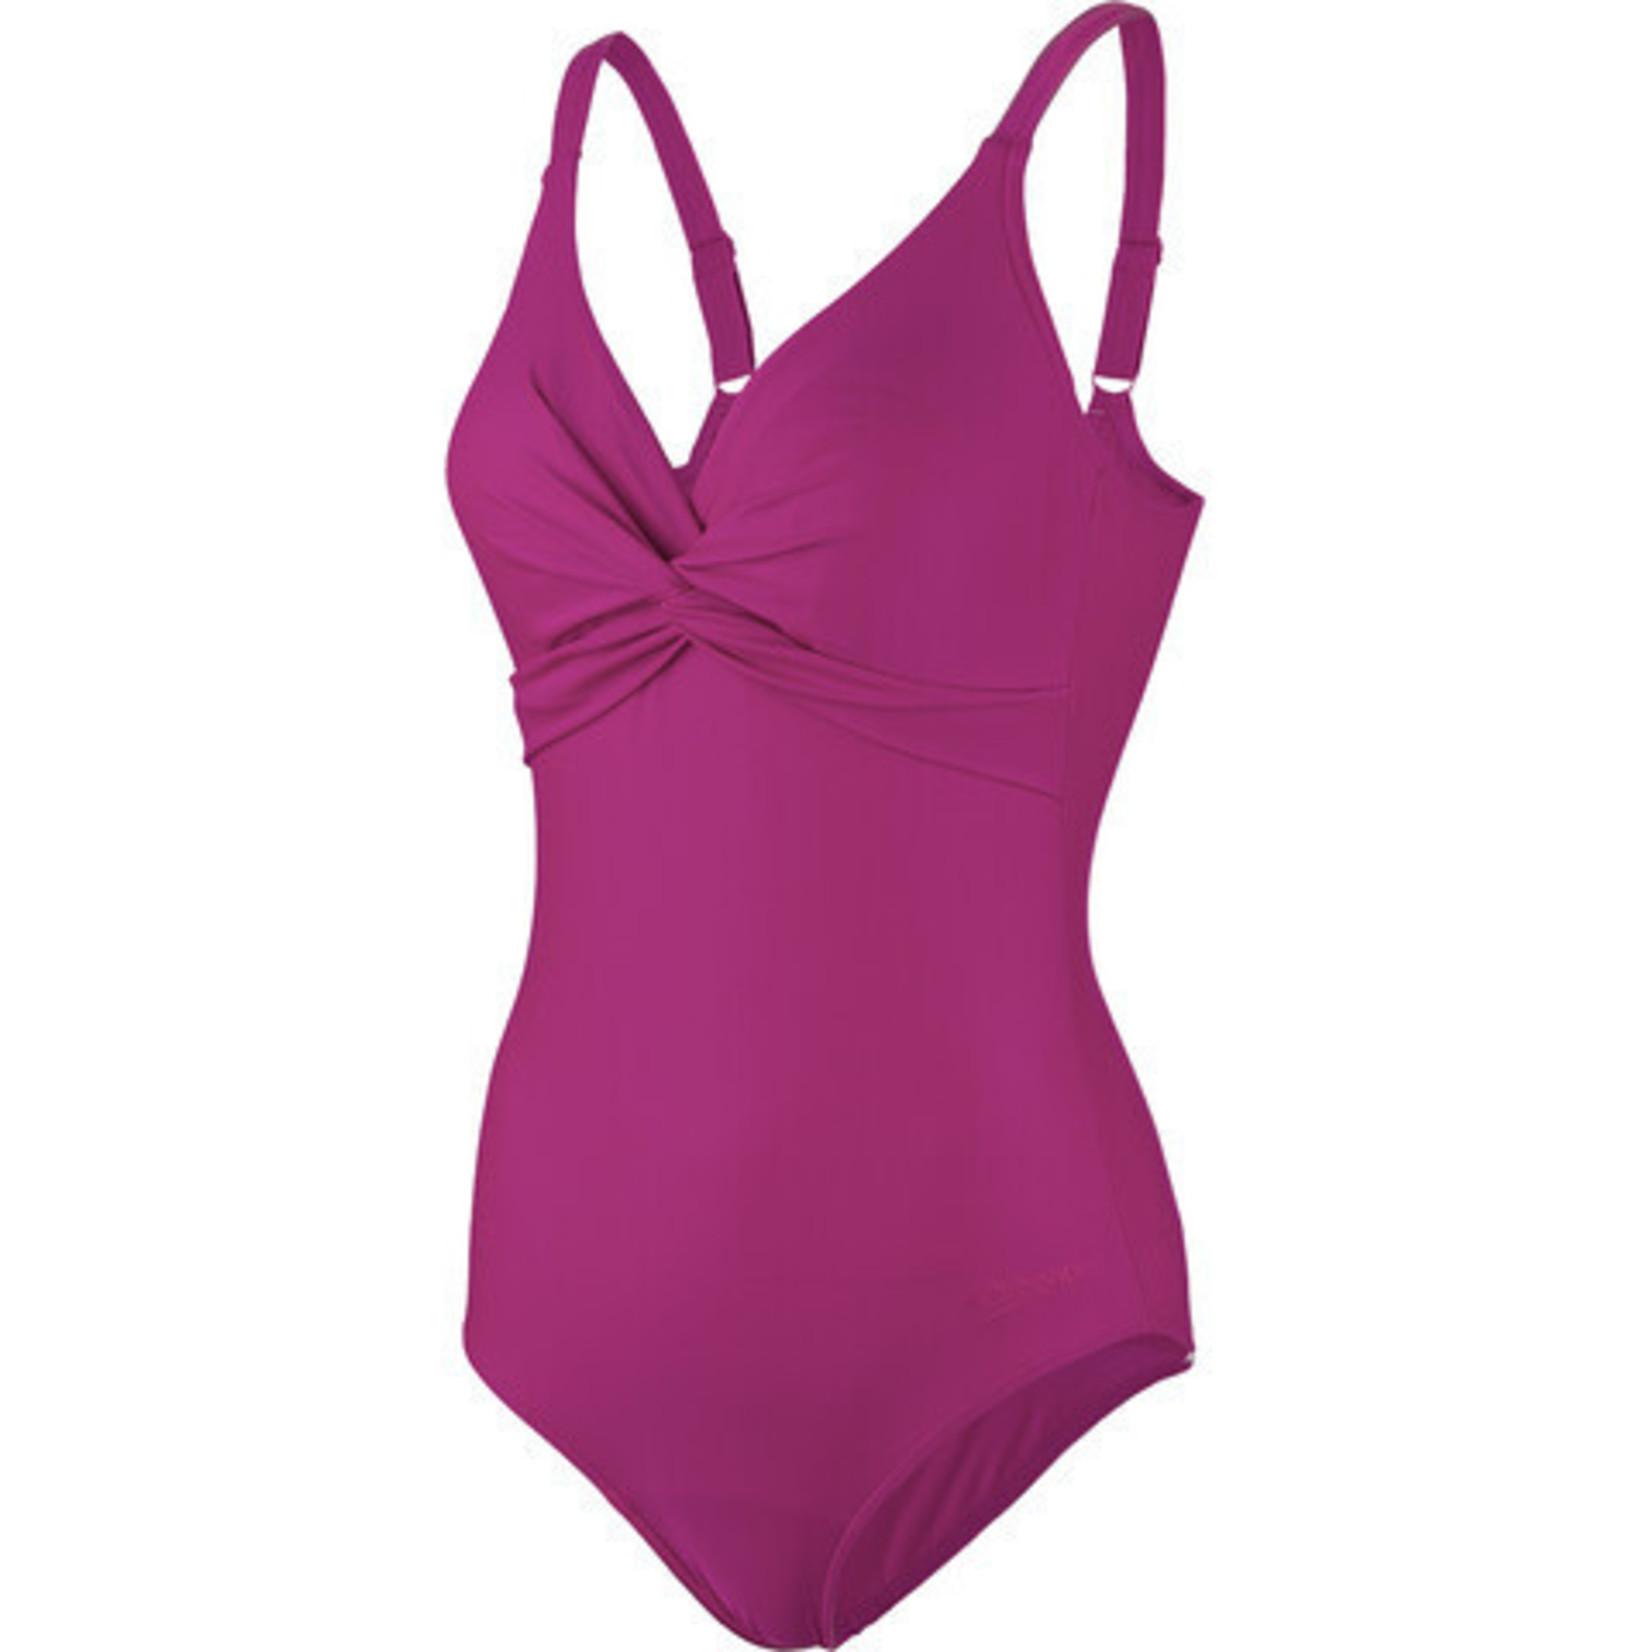 Speedo W POOL Brigitte - purple